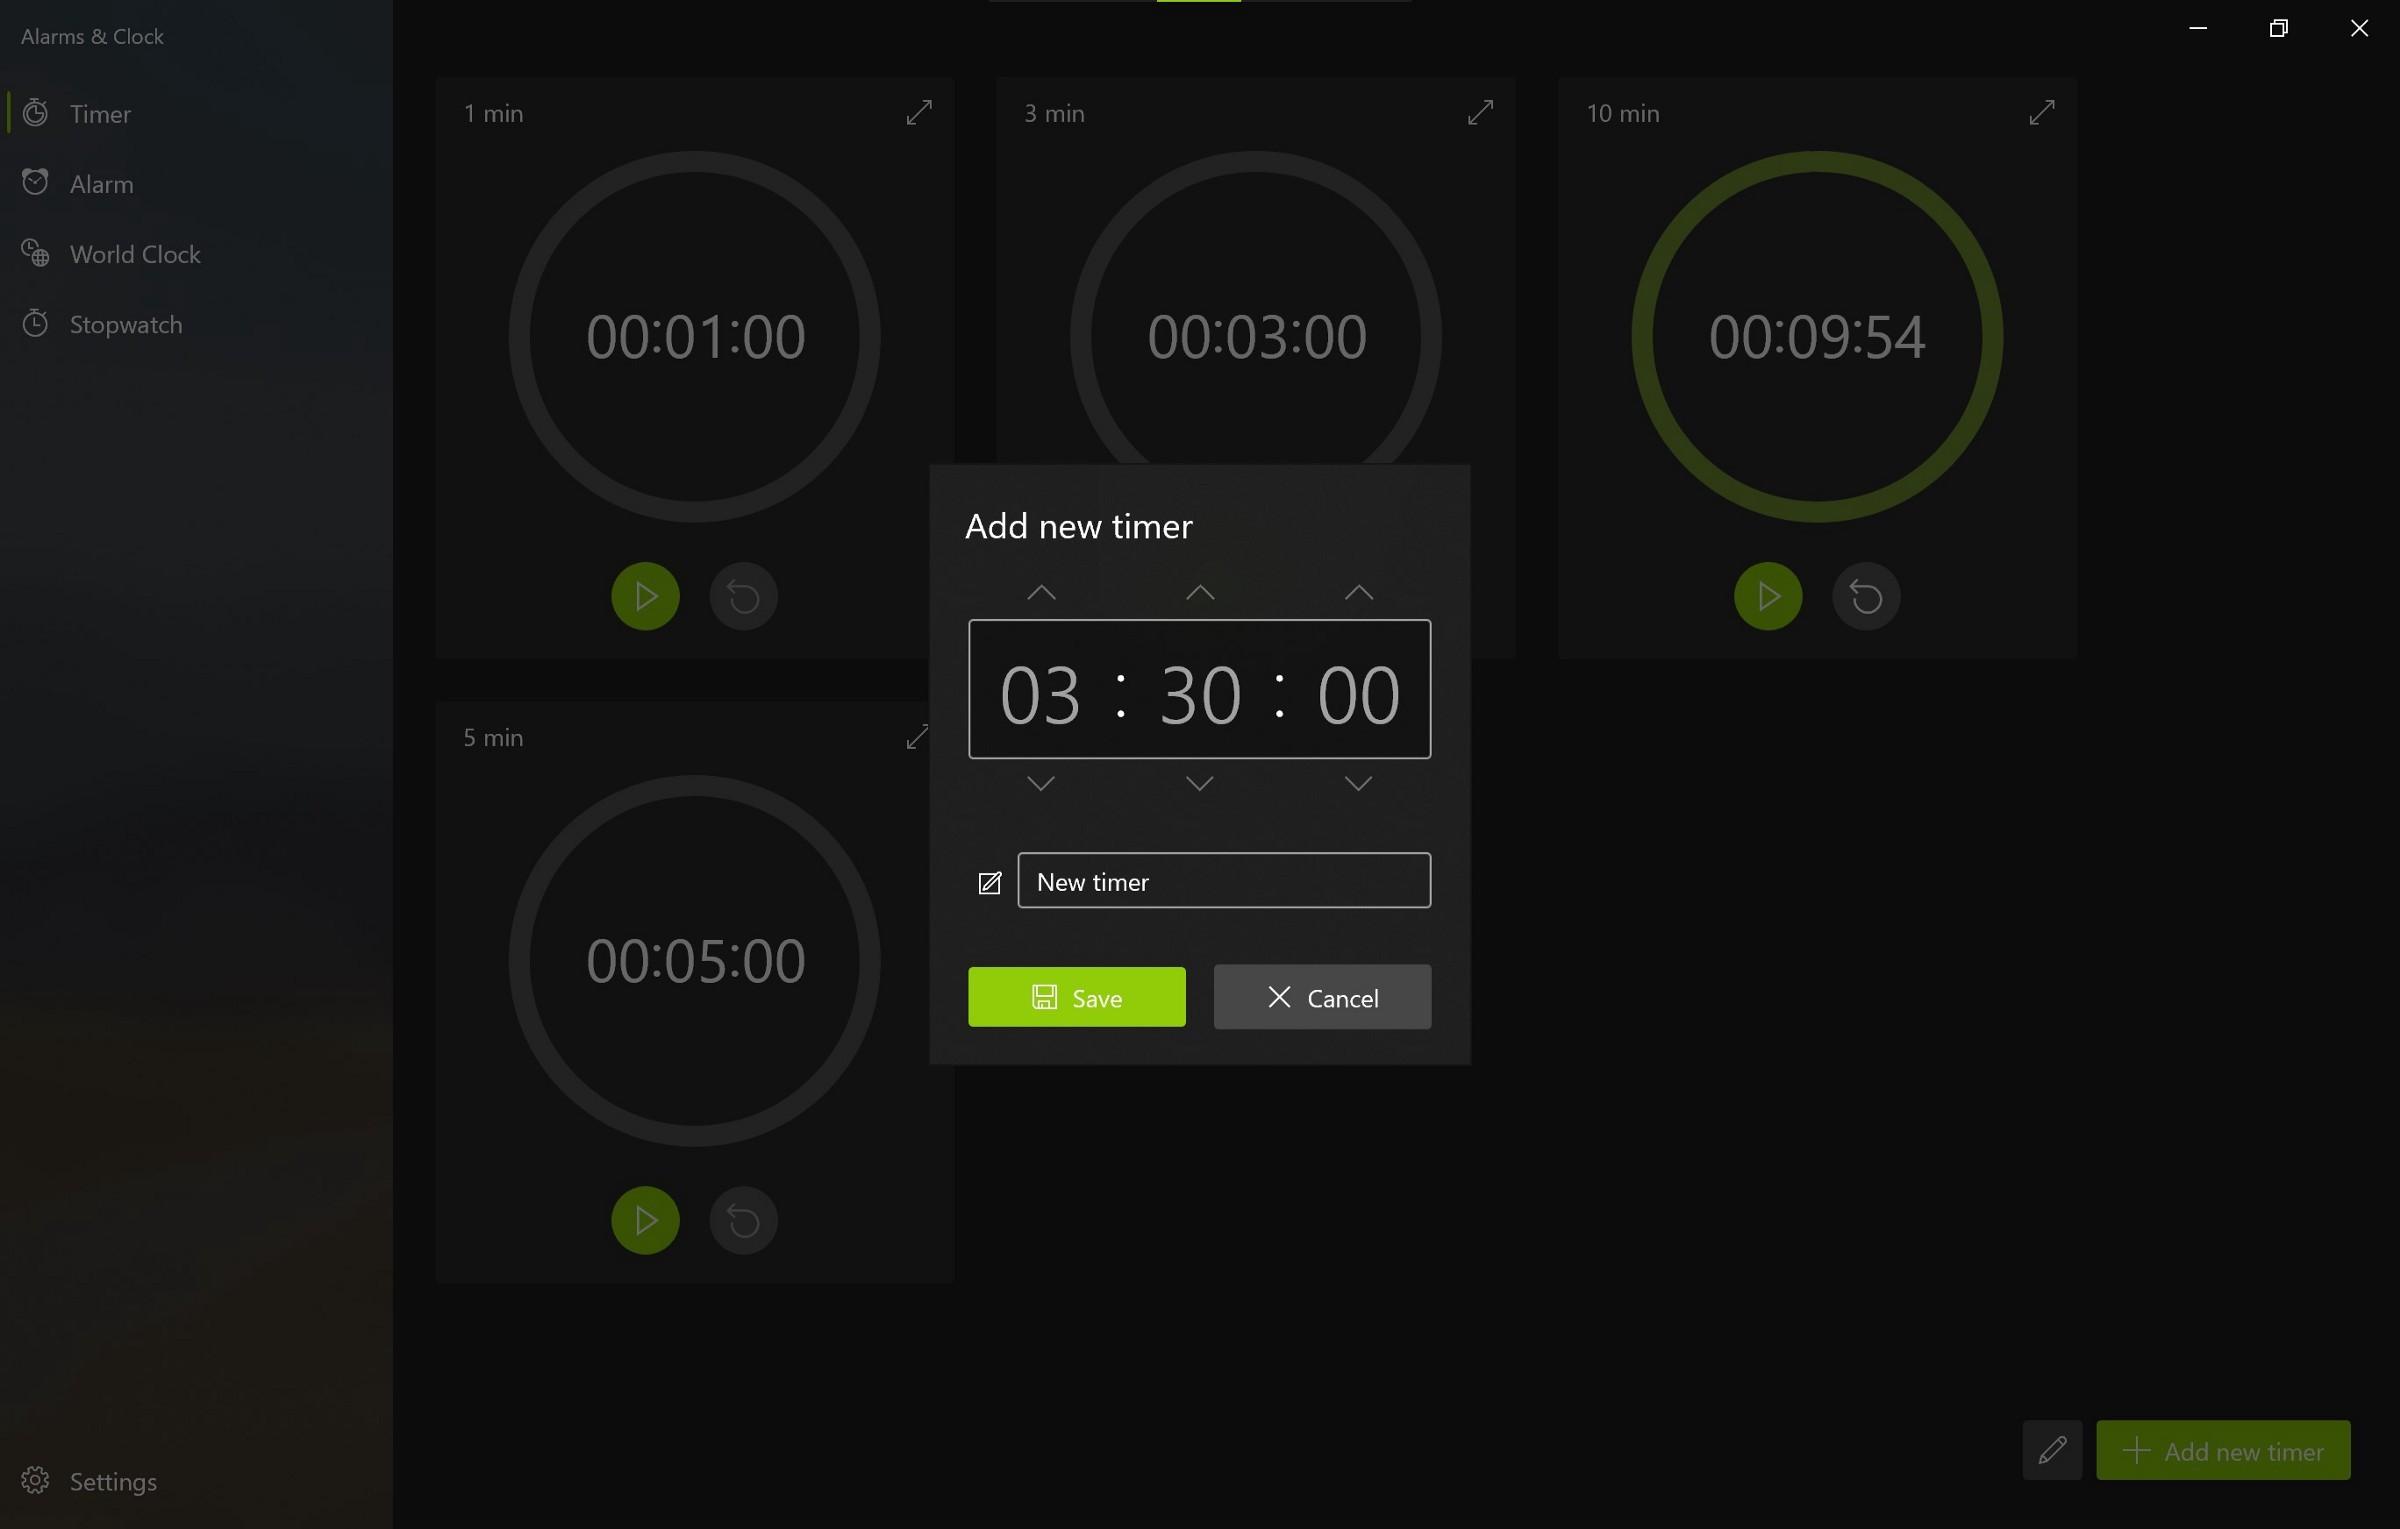 微软为Win10上的闹钟和时钟应用提供重大更新的照片 - 9